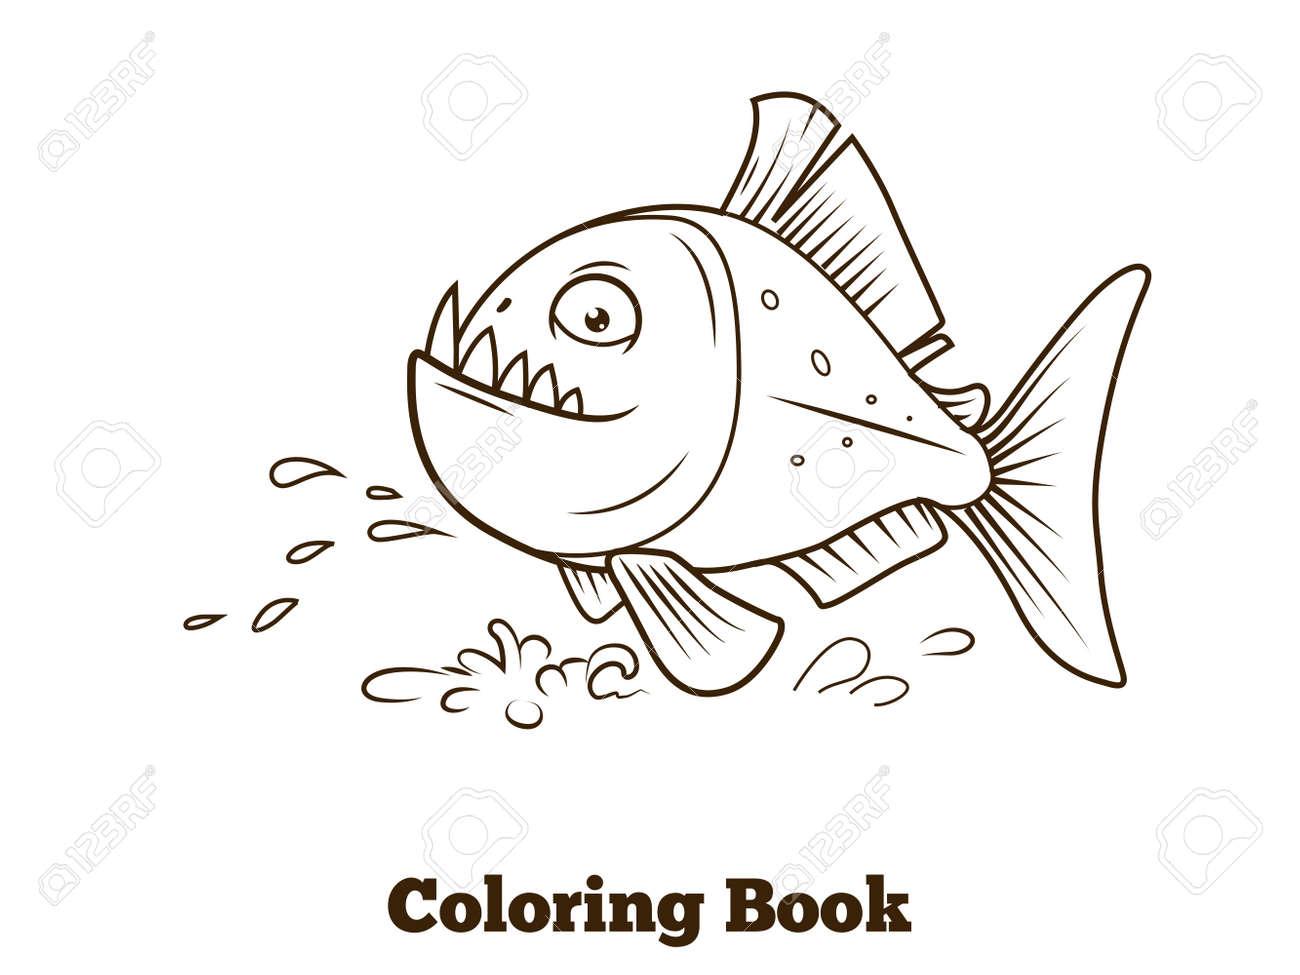 Piranha Peces De Dibujos Animados De Libro Para Colorear Líneas ...